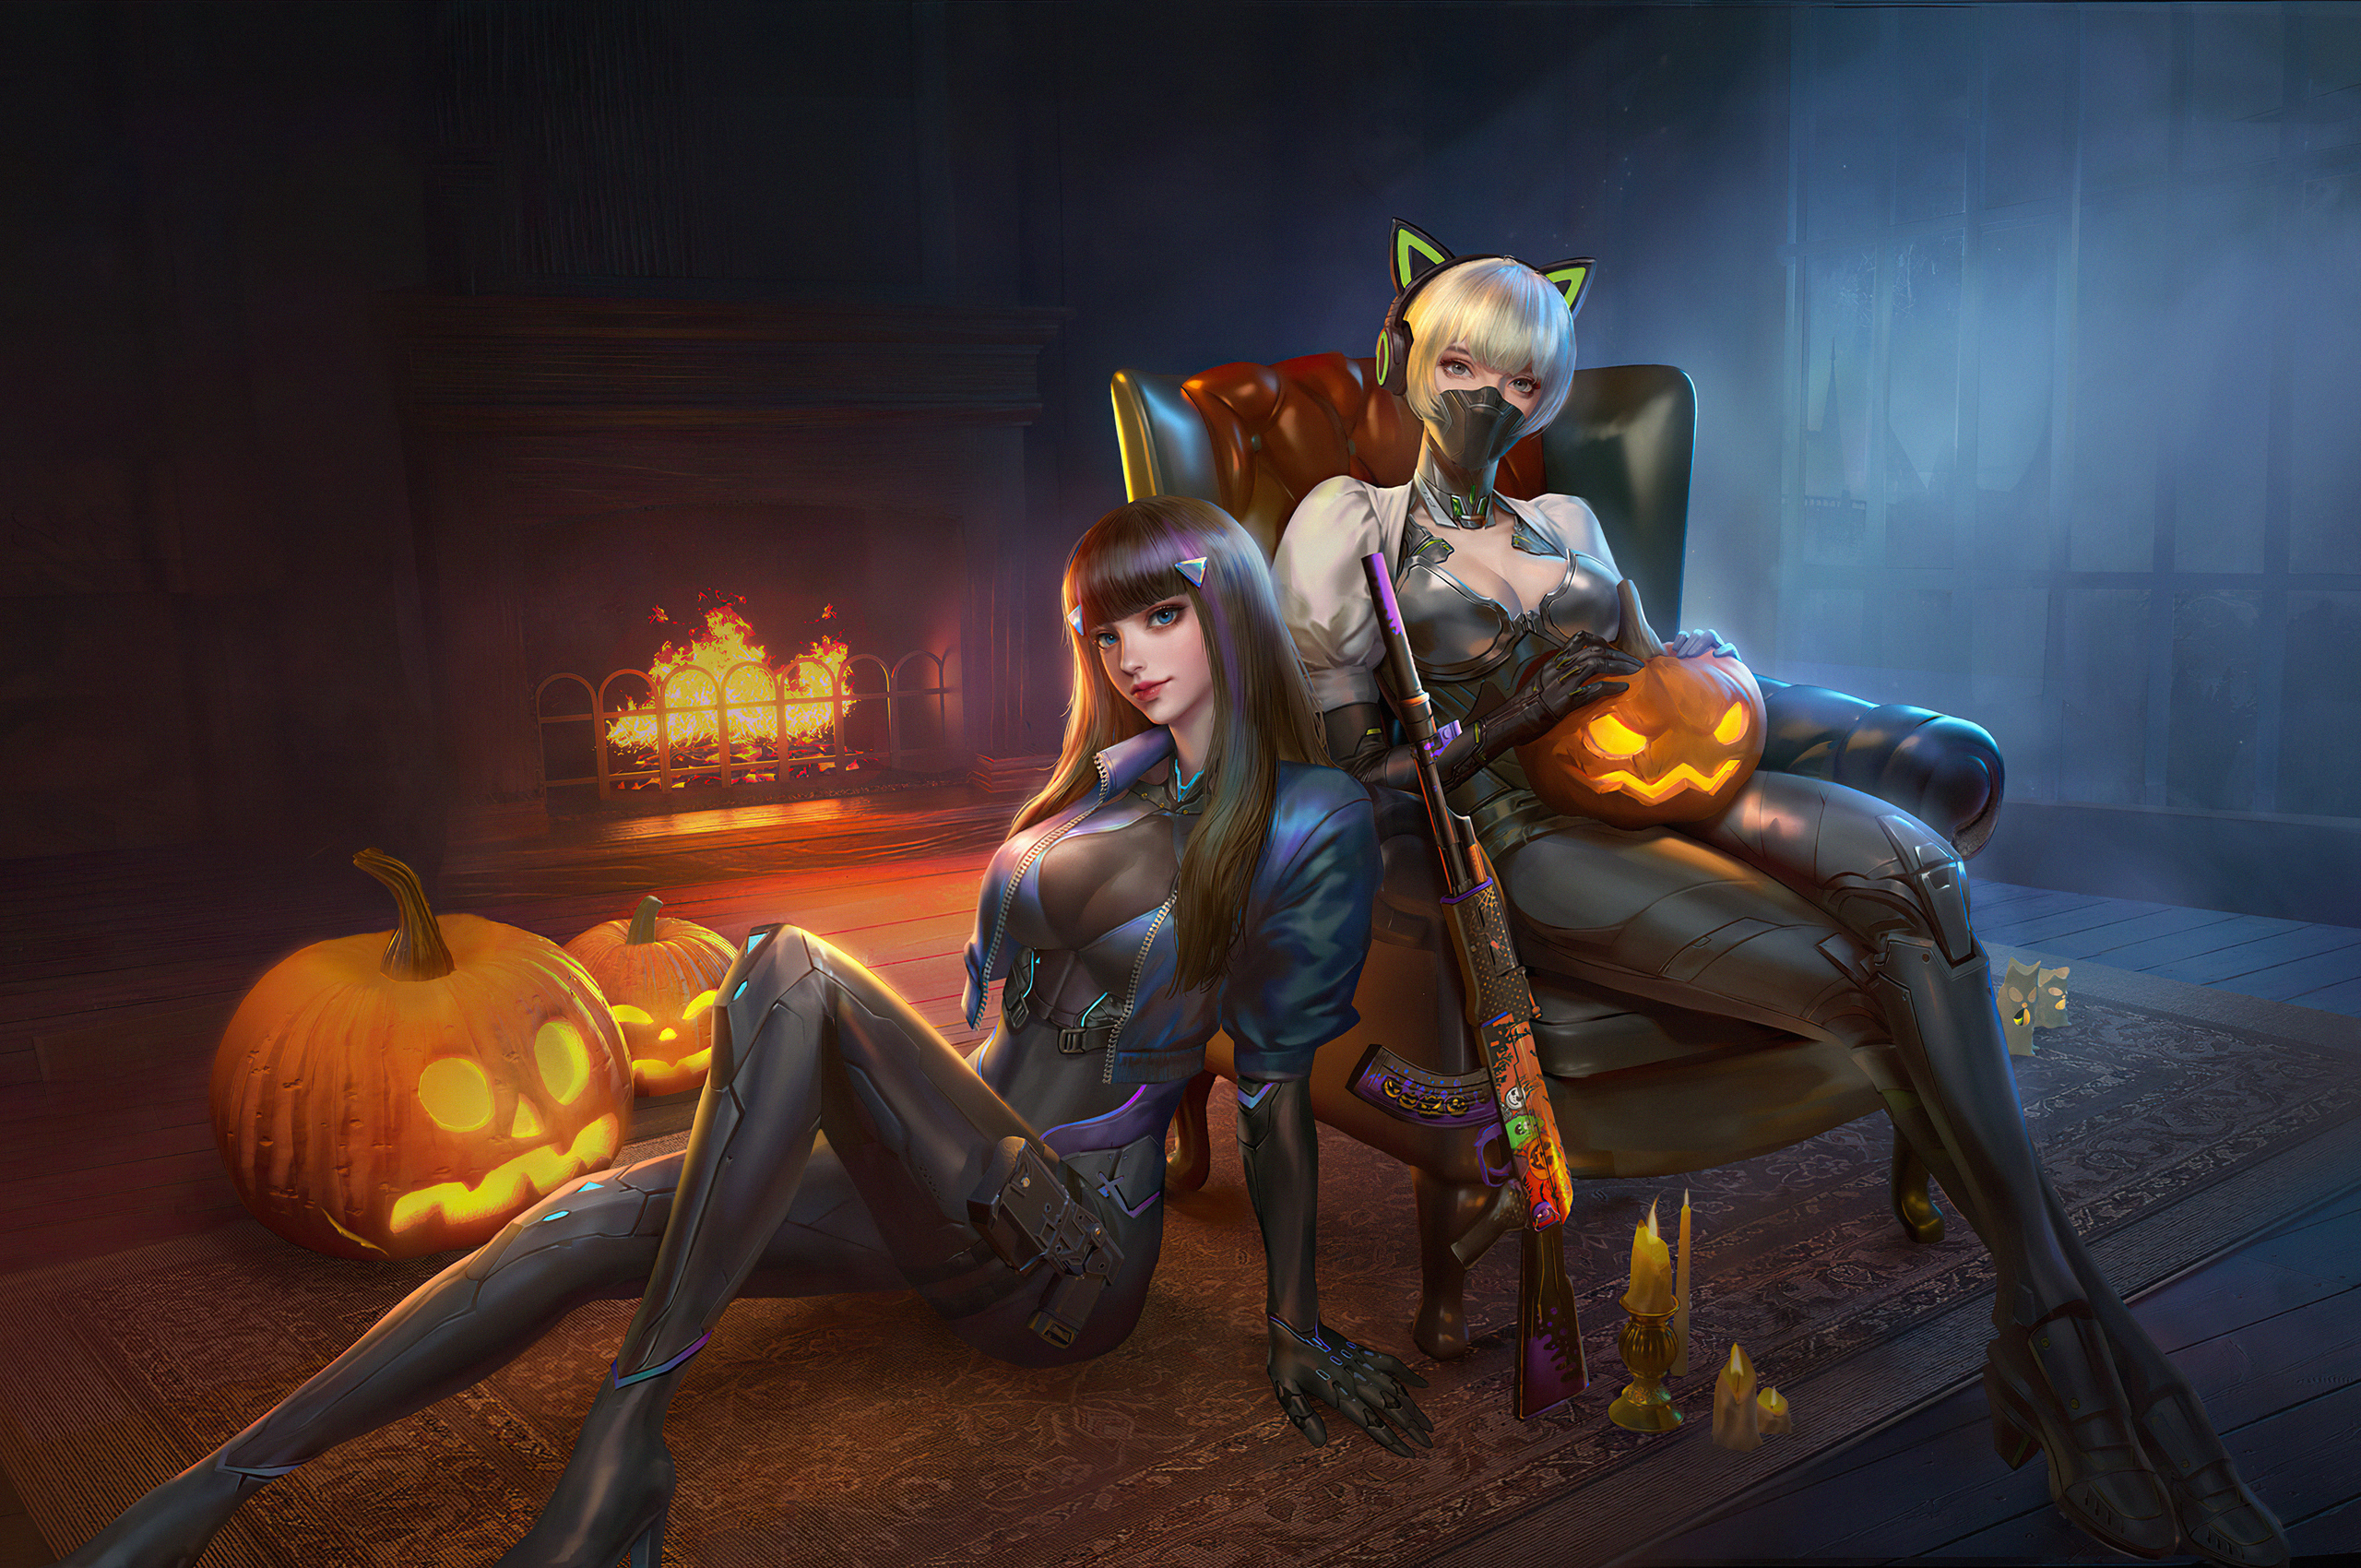 halloween-warriors-girls-with-guns-4k-ap.jpg